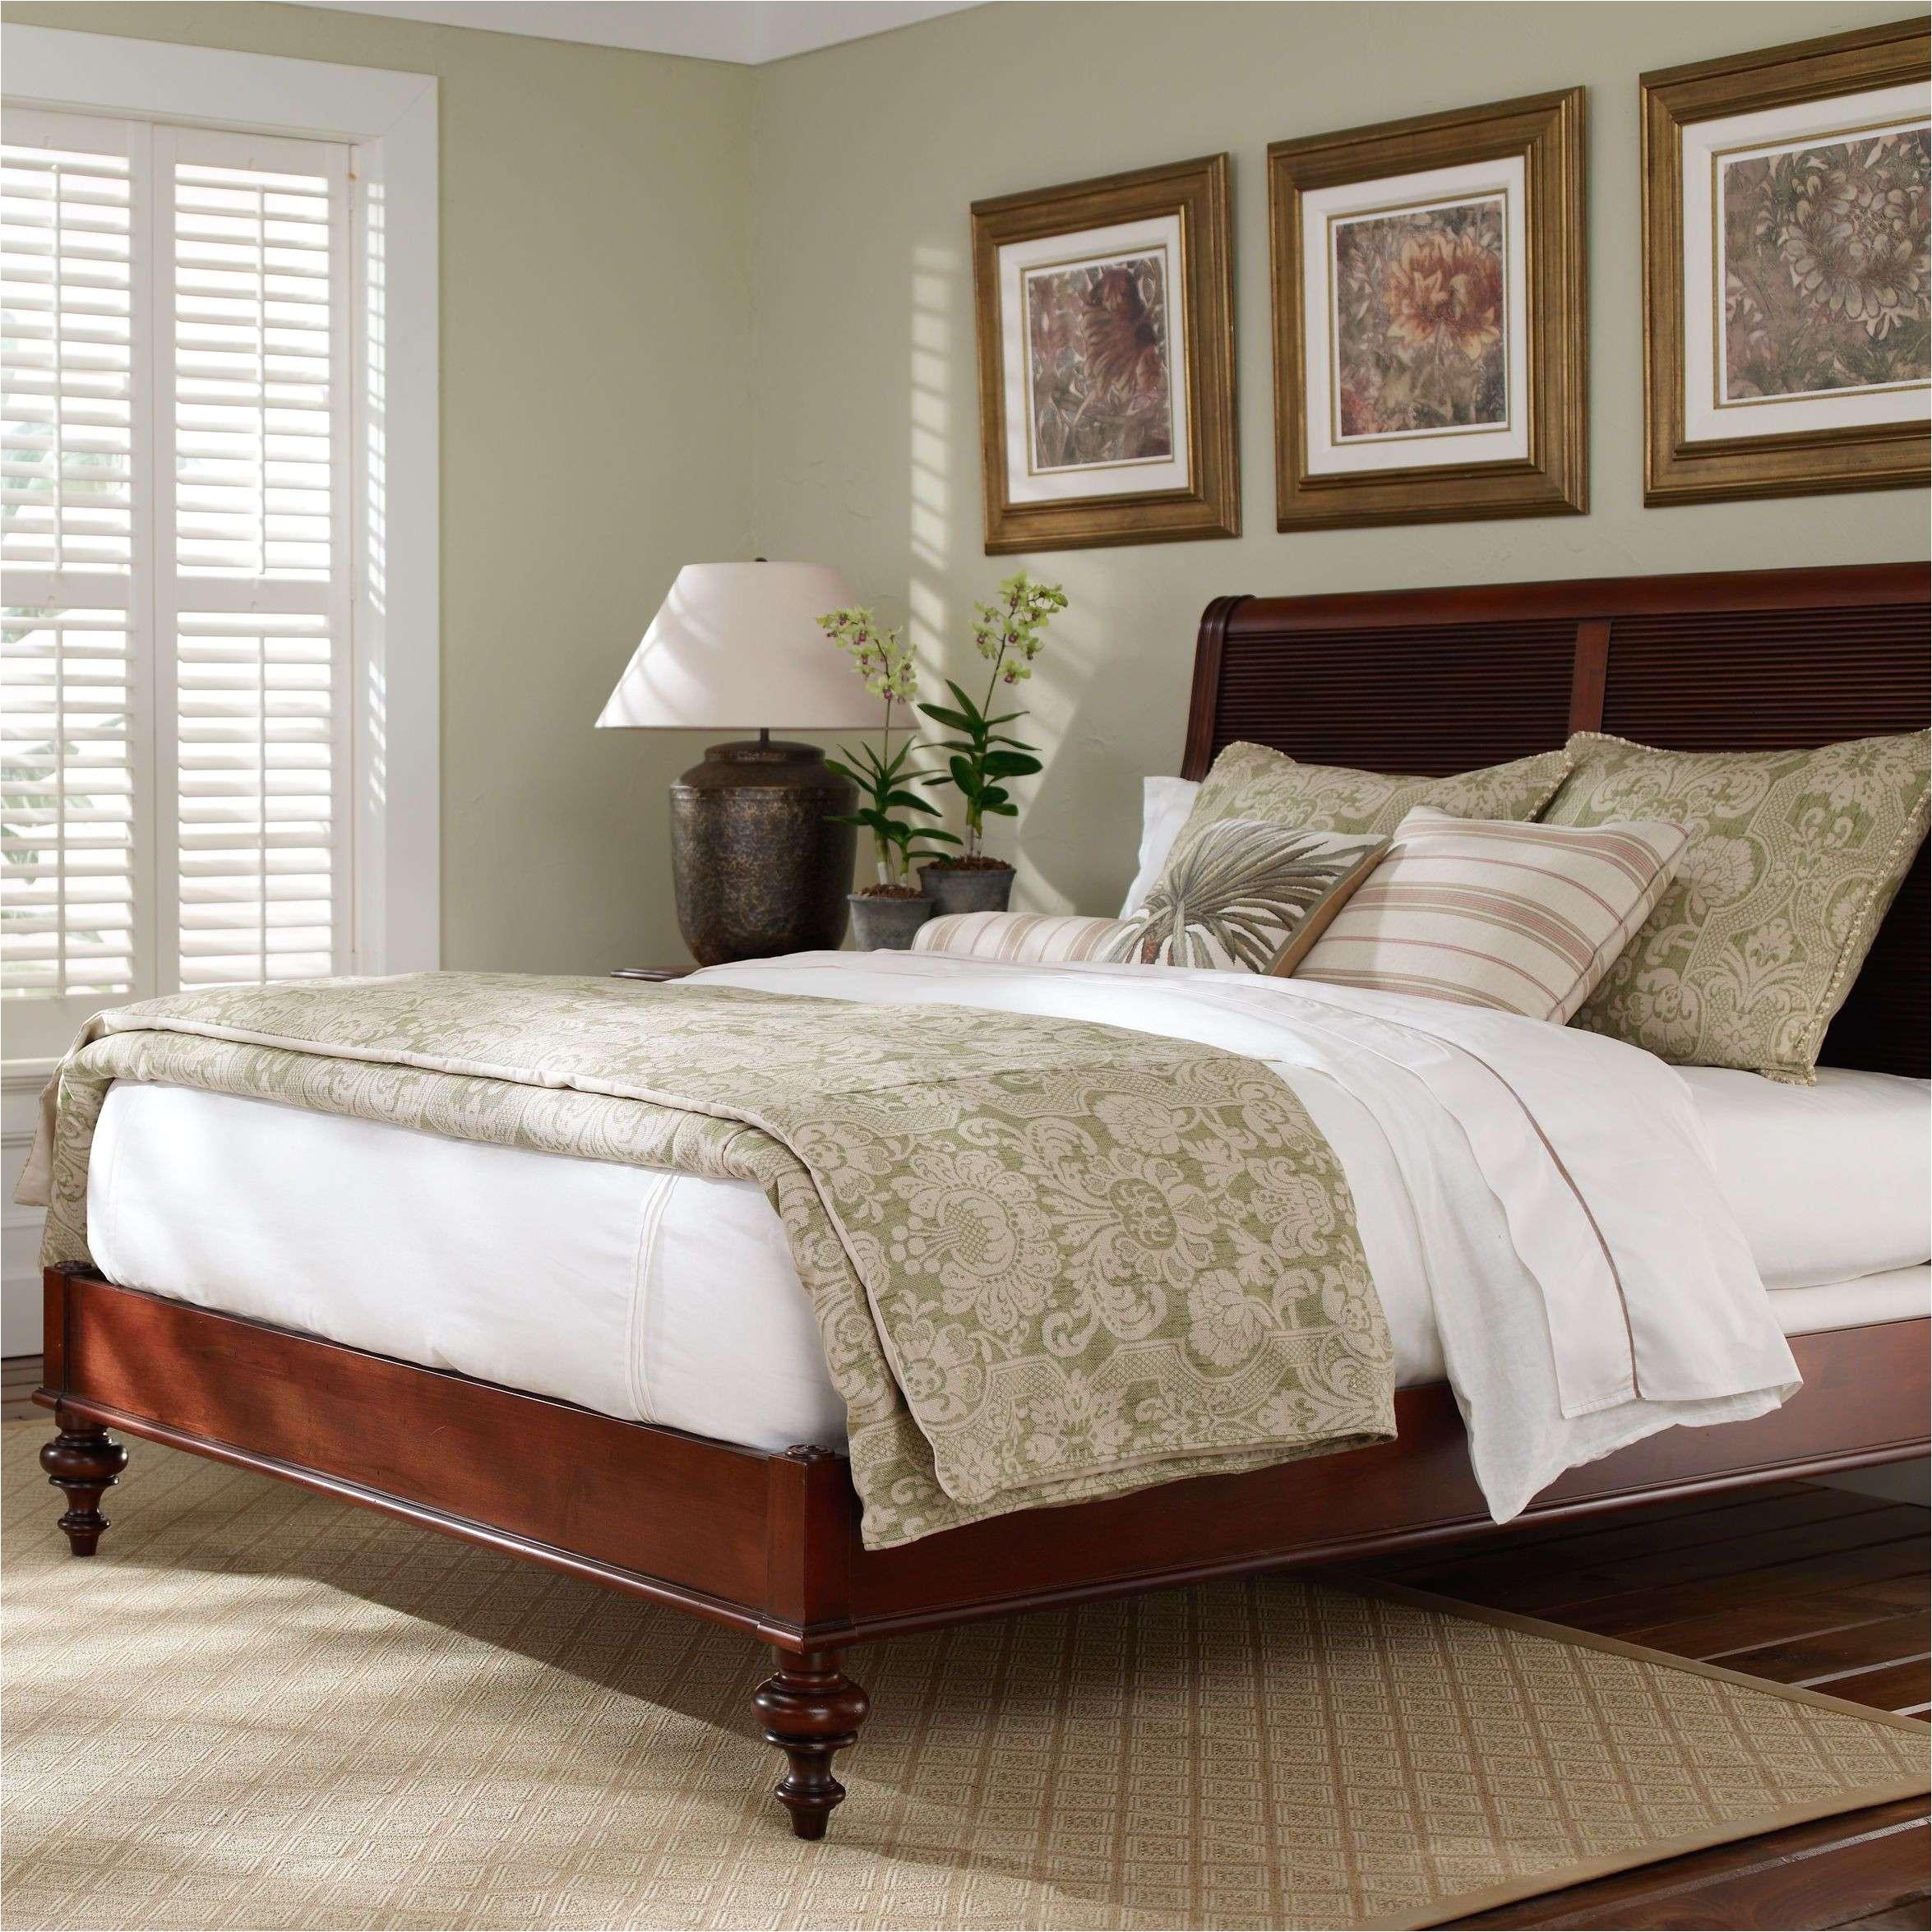 ethan allen bedroom sets lovely bedroom furniture sale unique cayman bed ethan allen us for the